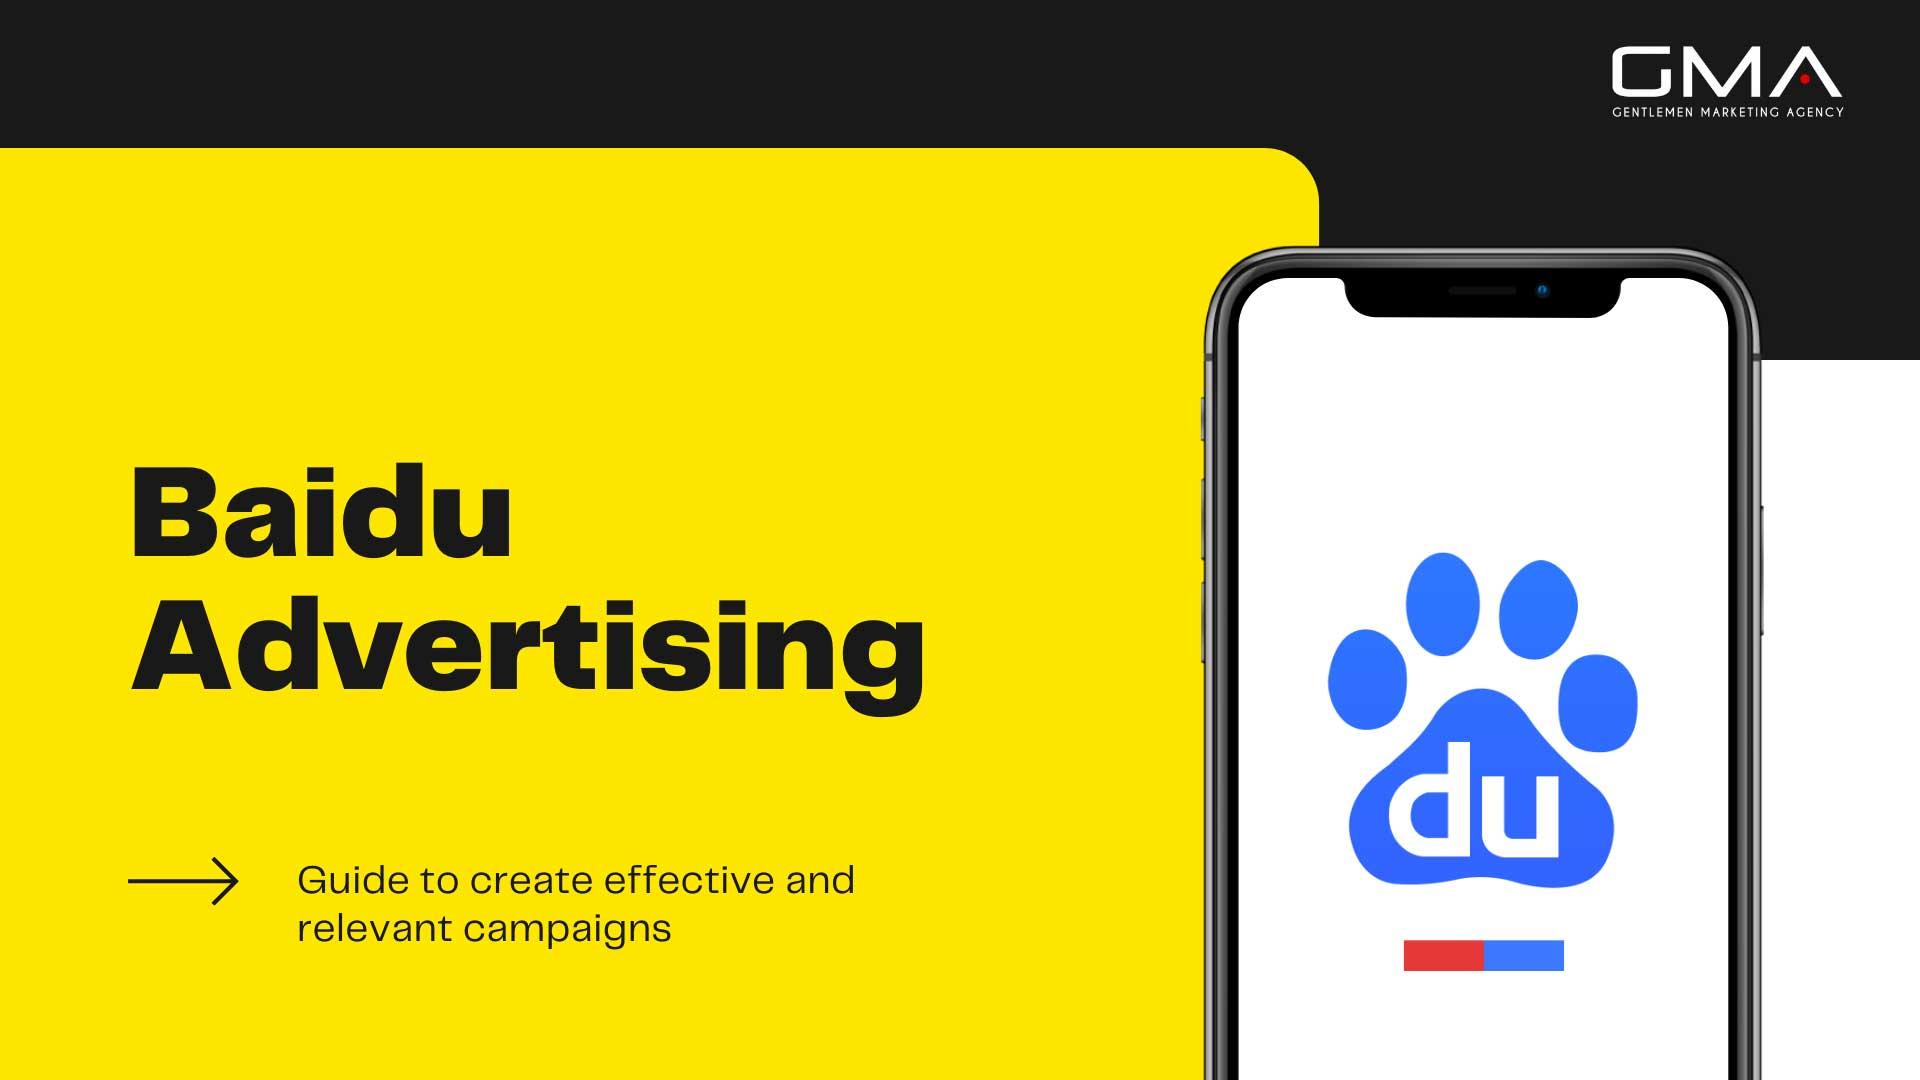 baidu-advertising